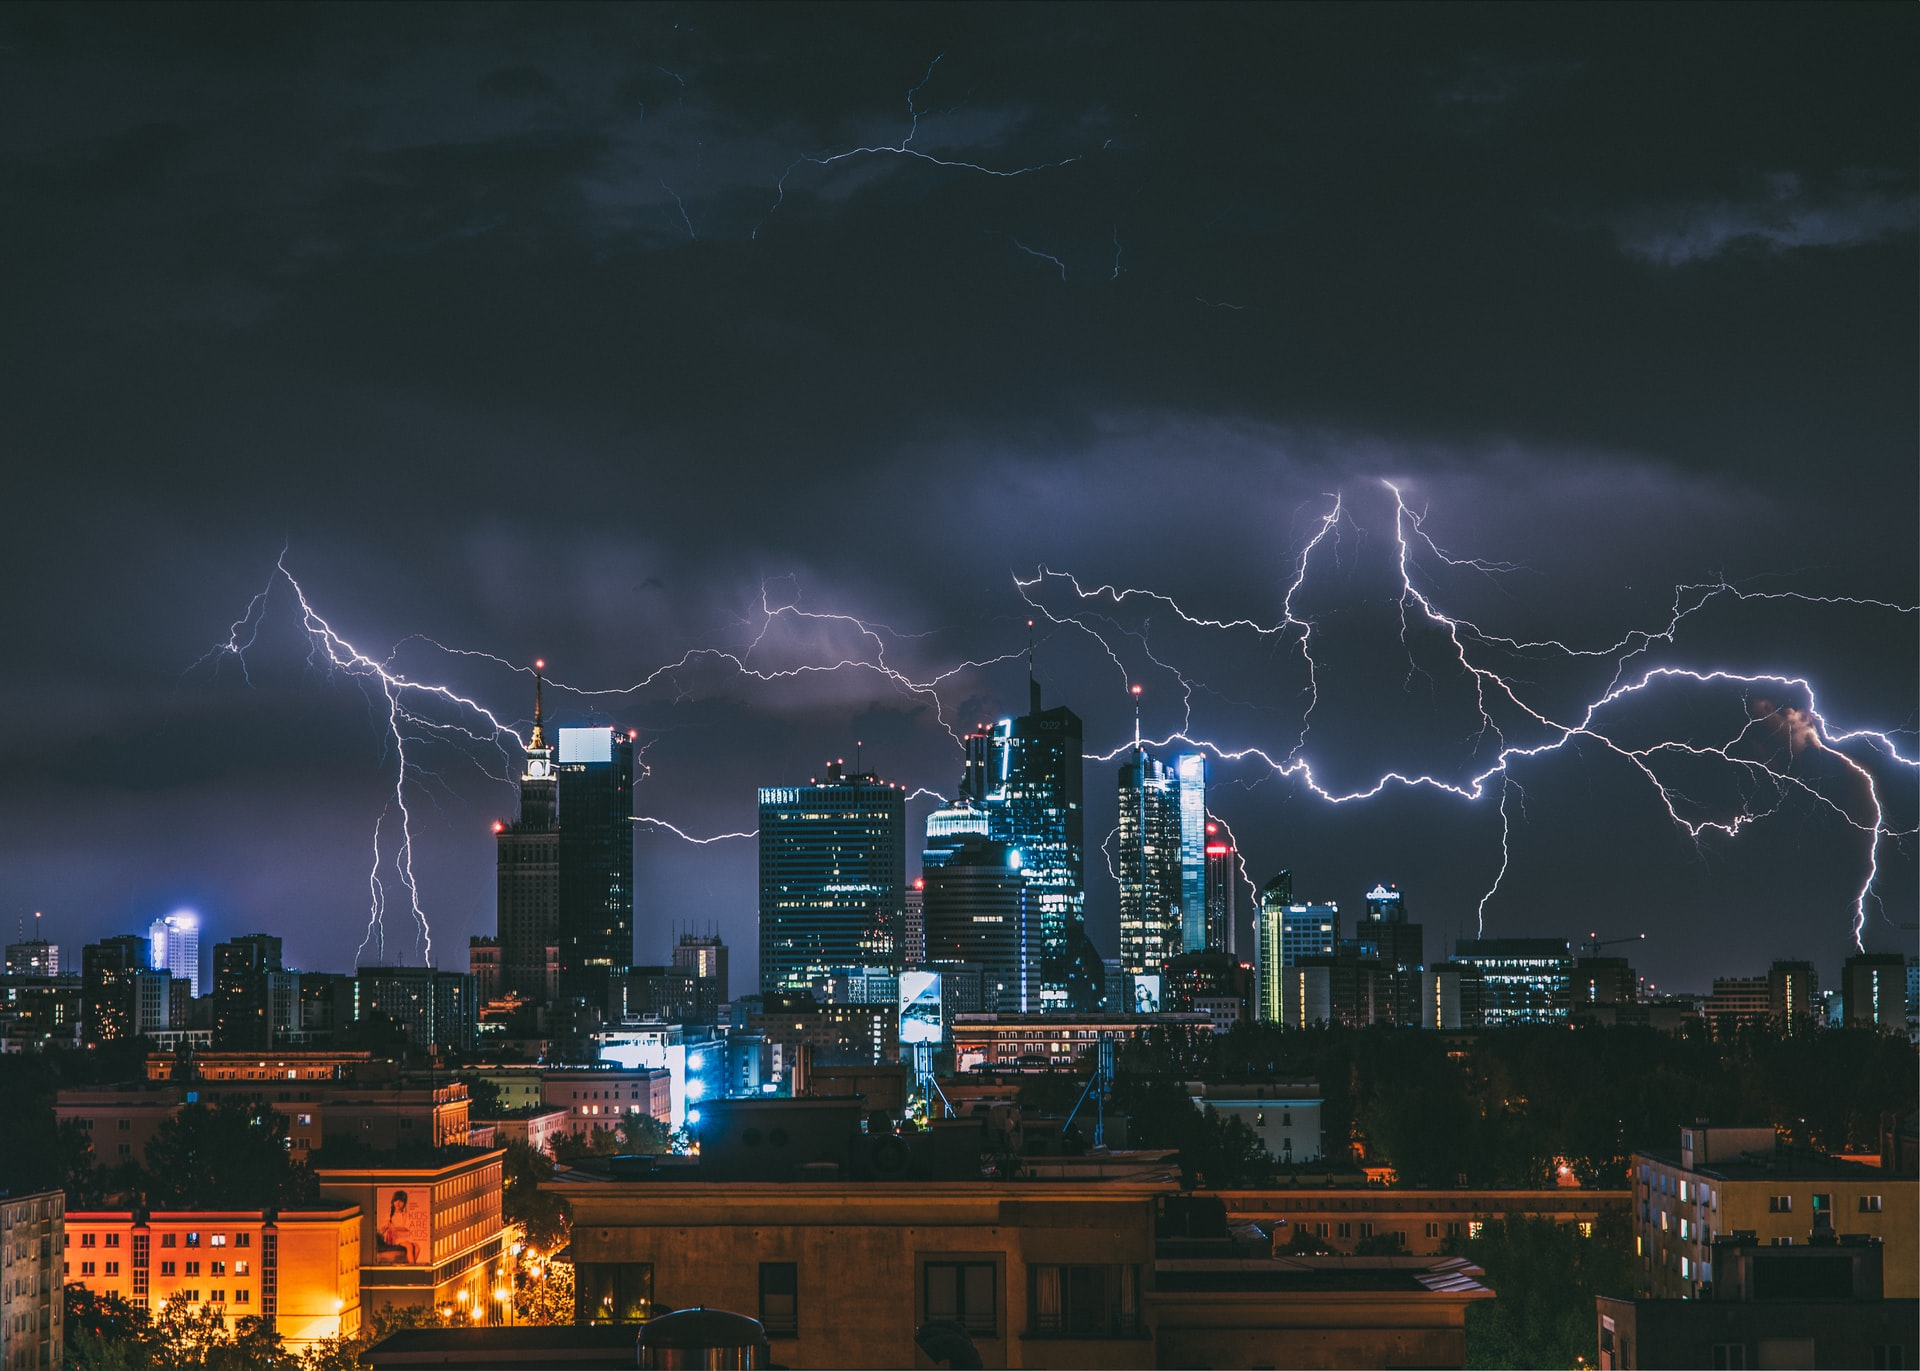 Burza w Warszawie. F. Krzysztof Kotkowicz on Unsplash.